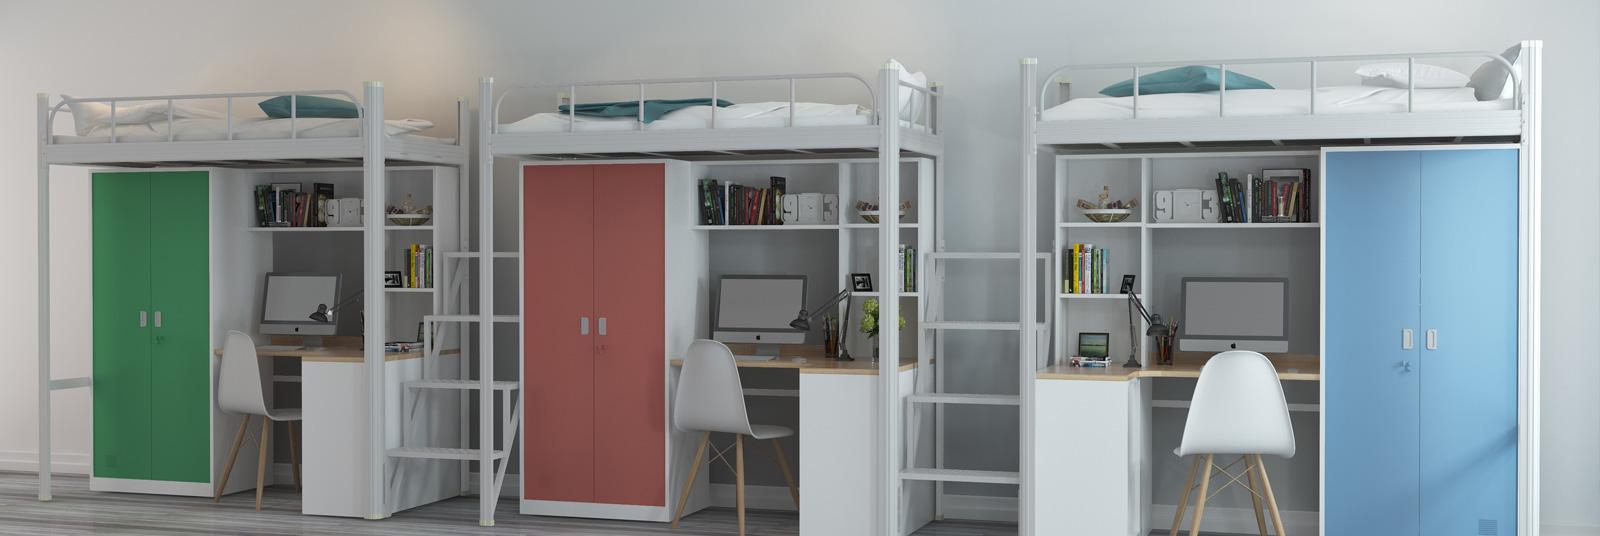 供货稳定,货源充足,拥有全自动化生产设备,学生公寓床-上下双层床-宿舍铁床-公寓床生产厂家-深圳兴百胜,